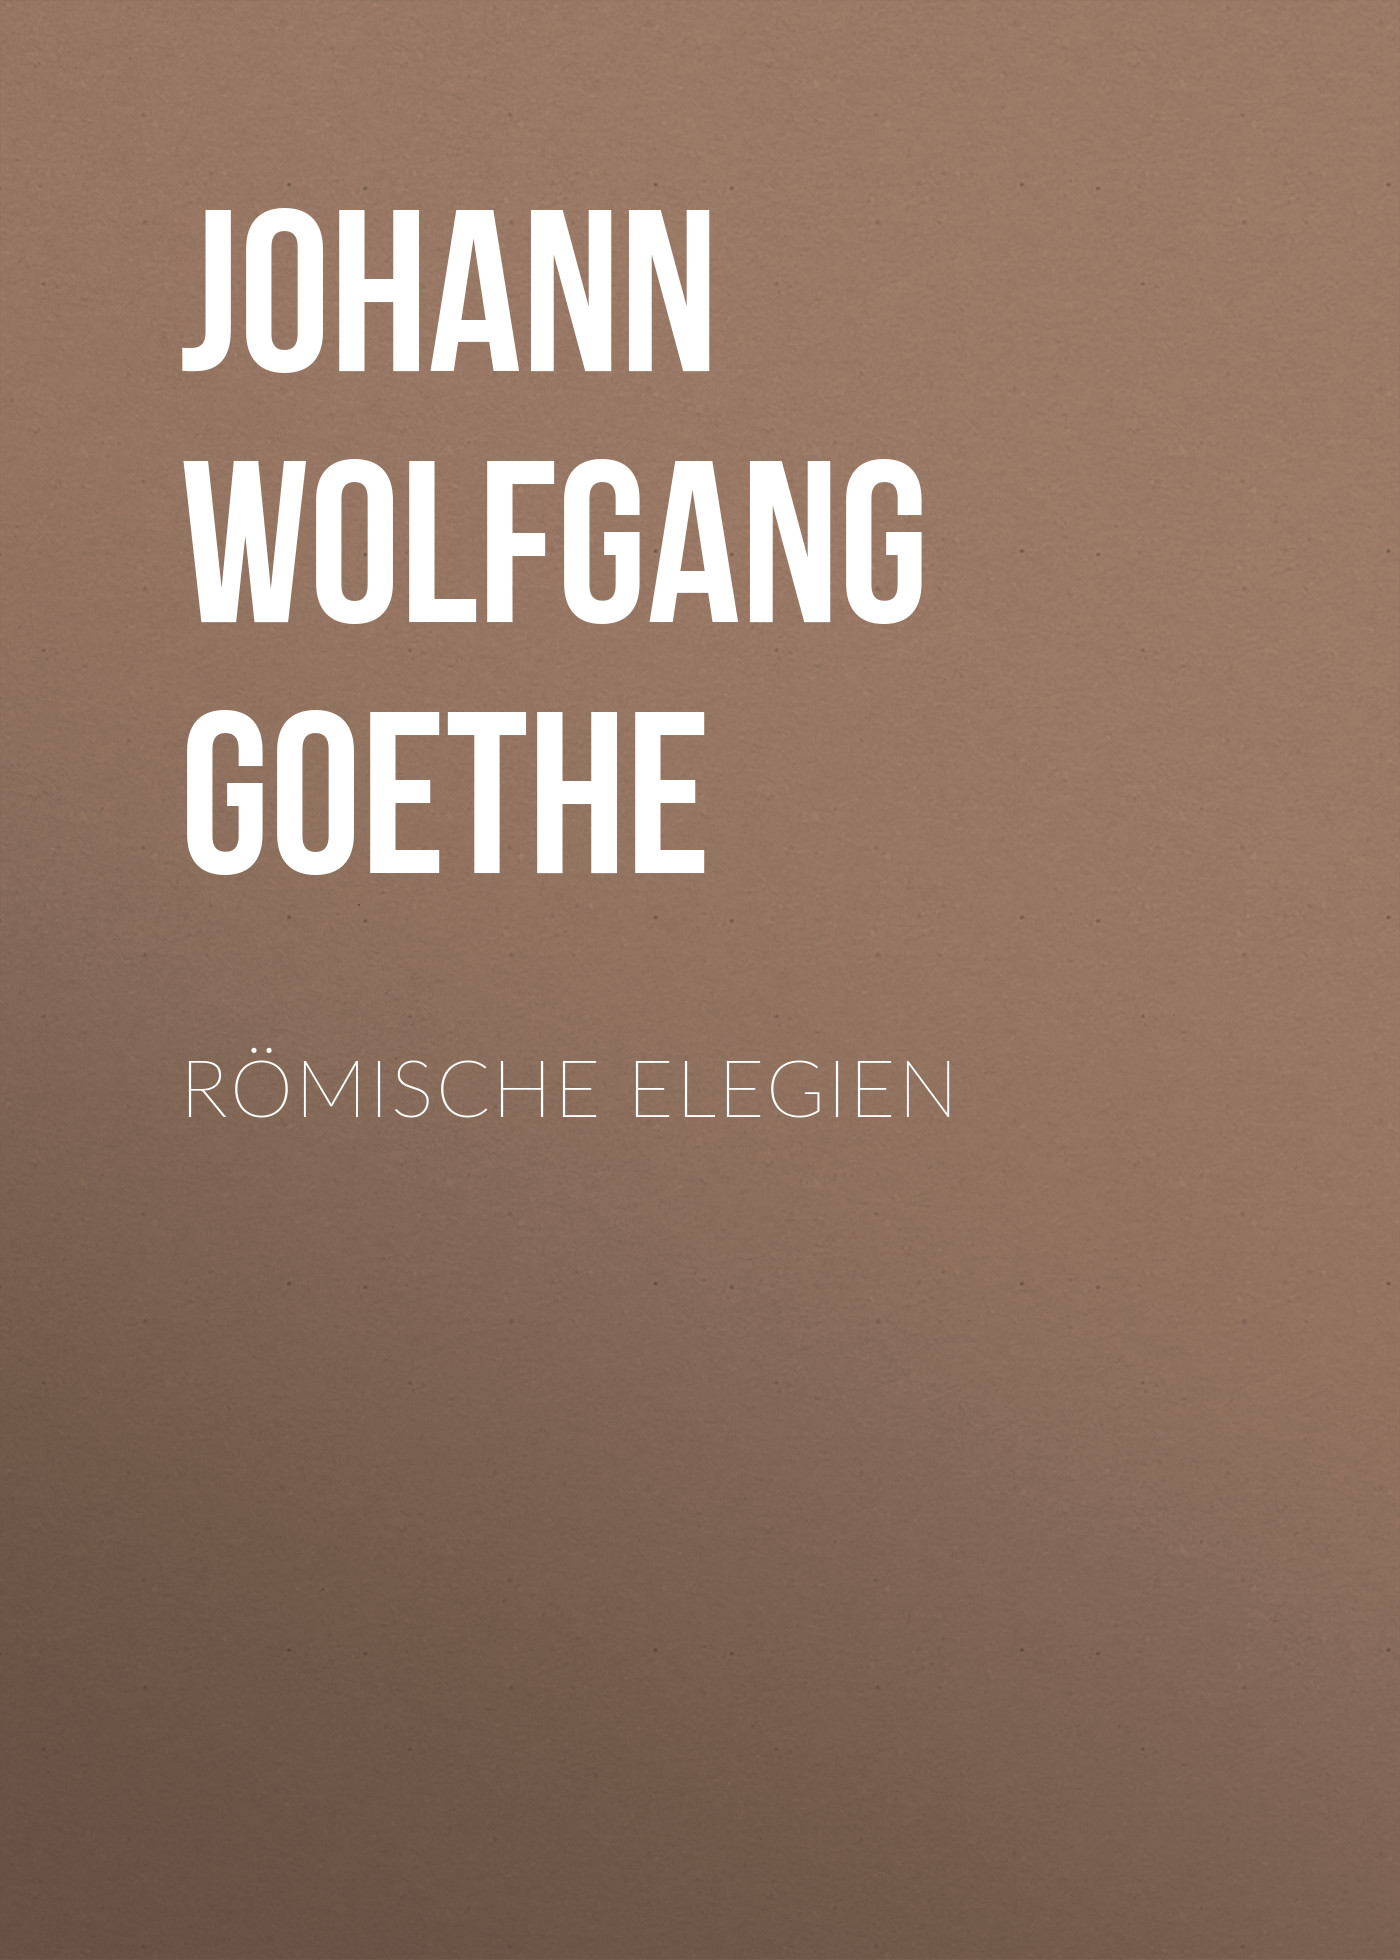 Иоганн Вольфганг фон Гёте Römische Elegien иоганн вольфганг фон гёте прометей